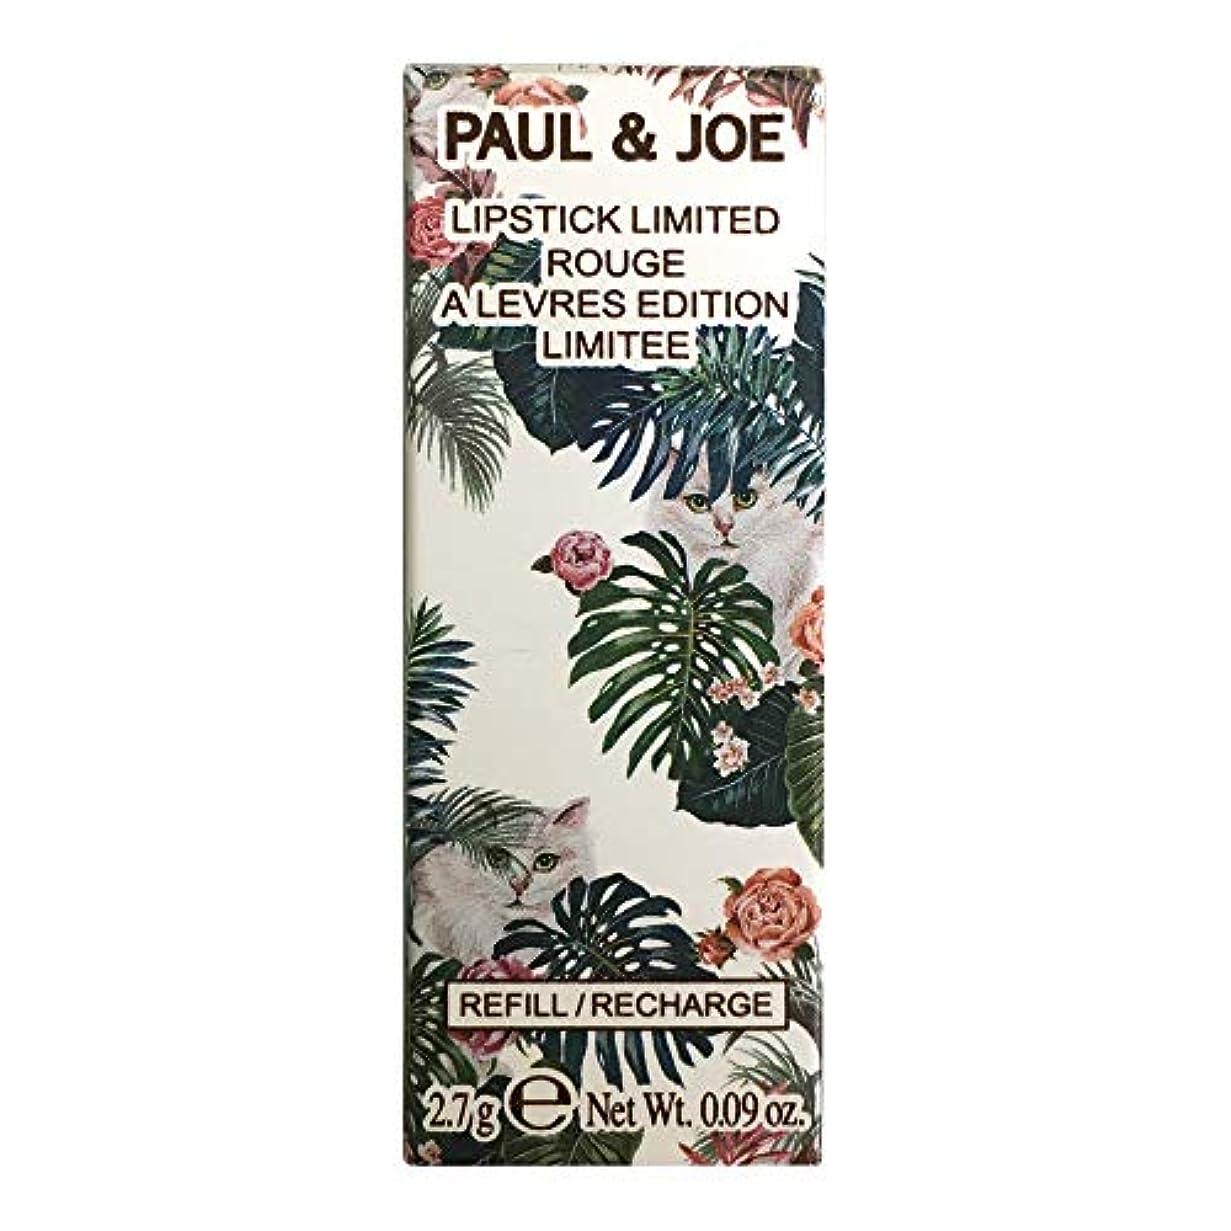 静める眼山積みのポール & ジョー/PAUL & JOE リップスティック リミテッド #005(レフィル) (限定) [ 口紅 ] [並行輸入品]